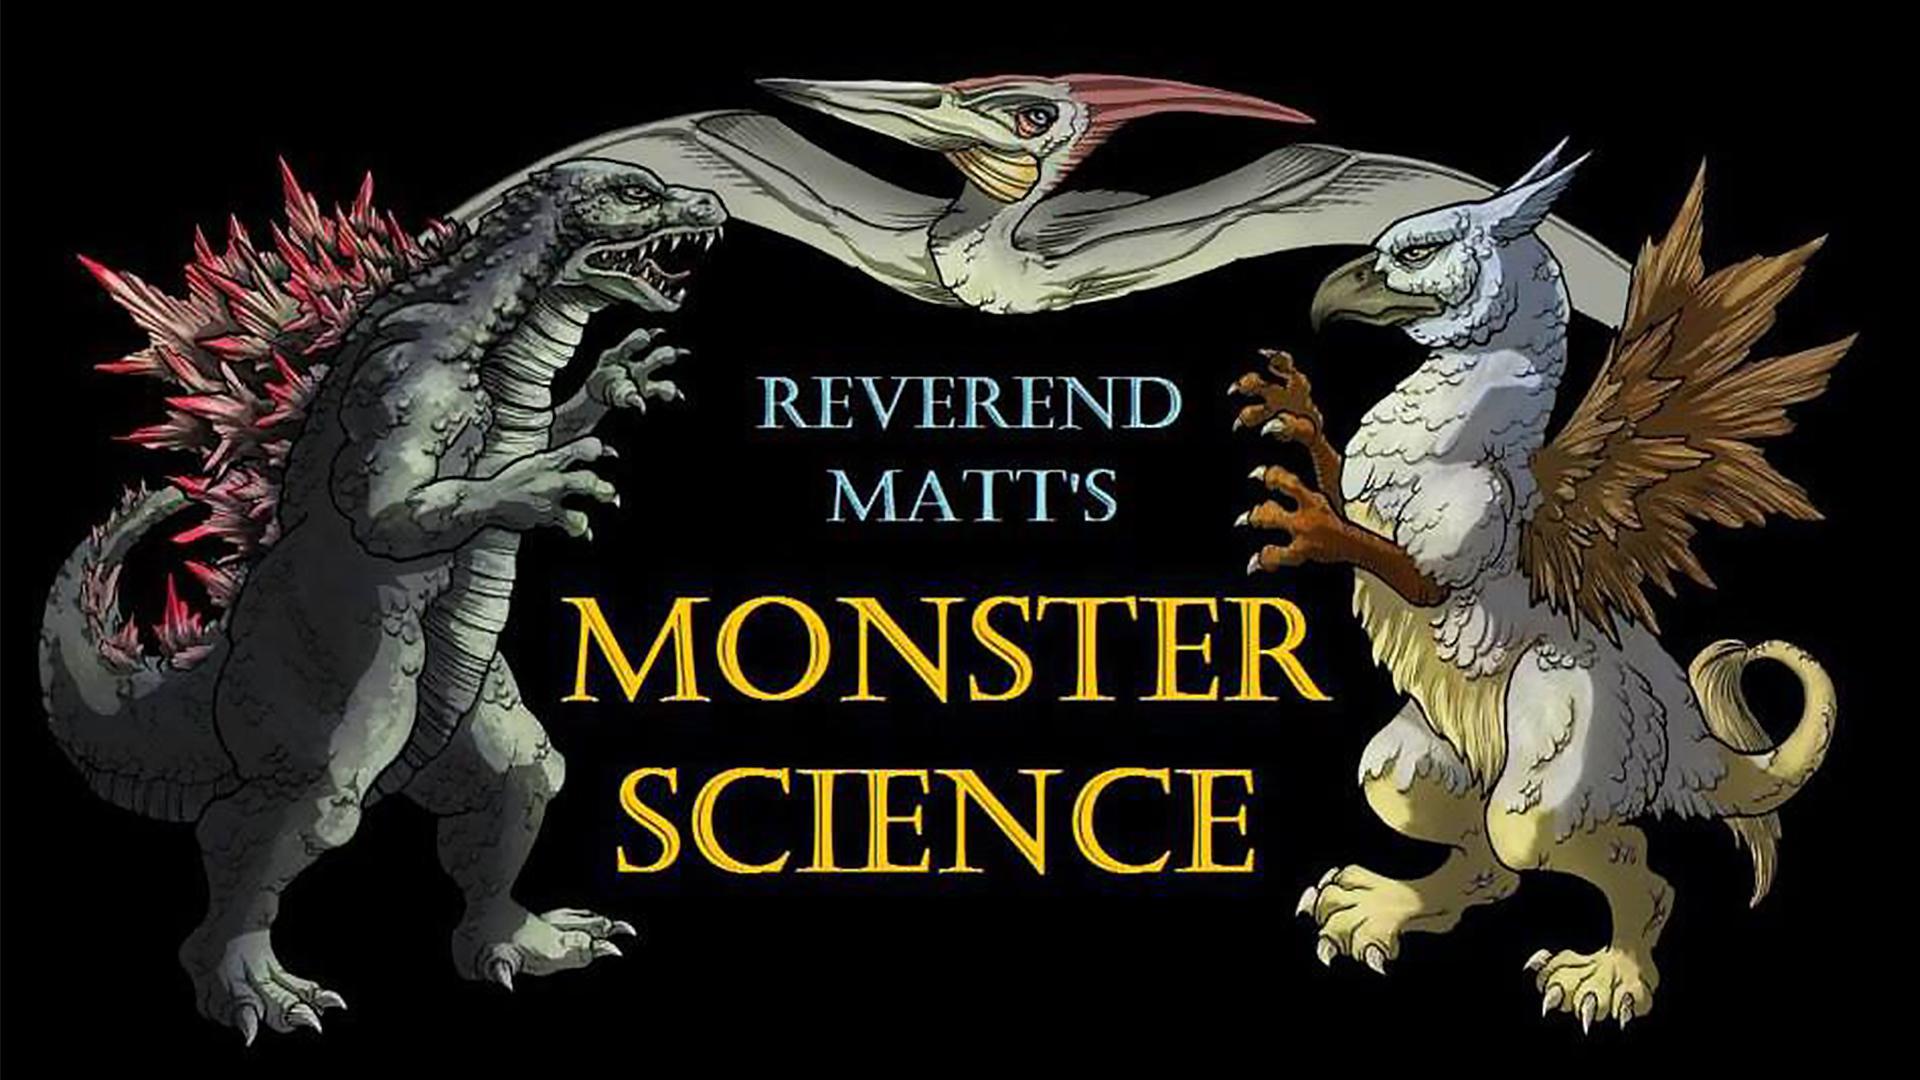 Reverend Matt's Monster Science